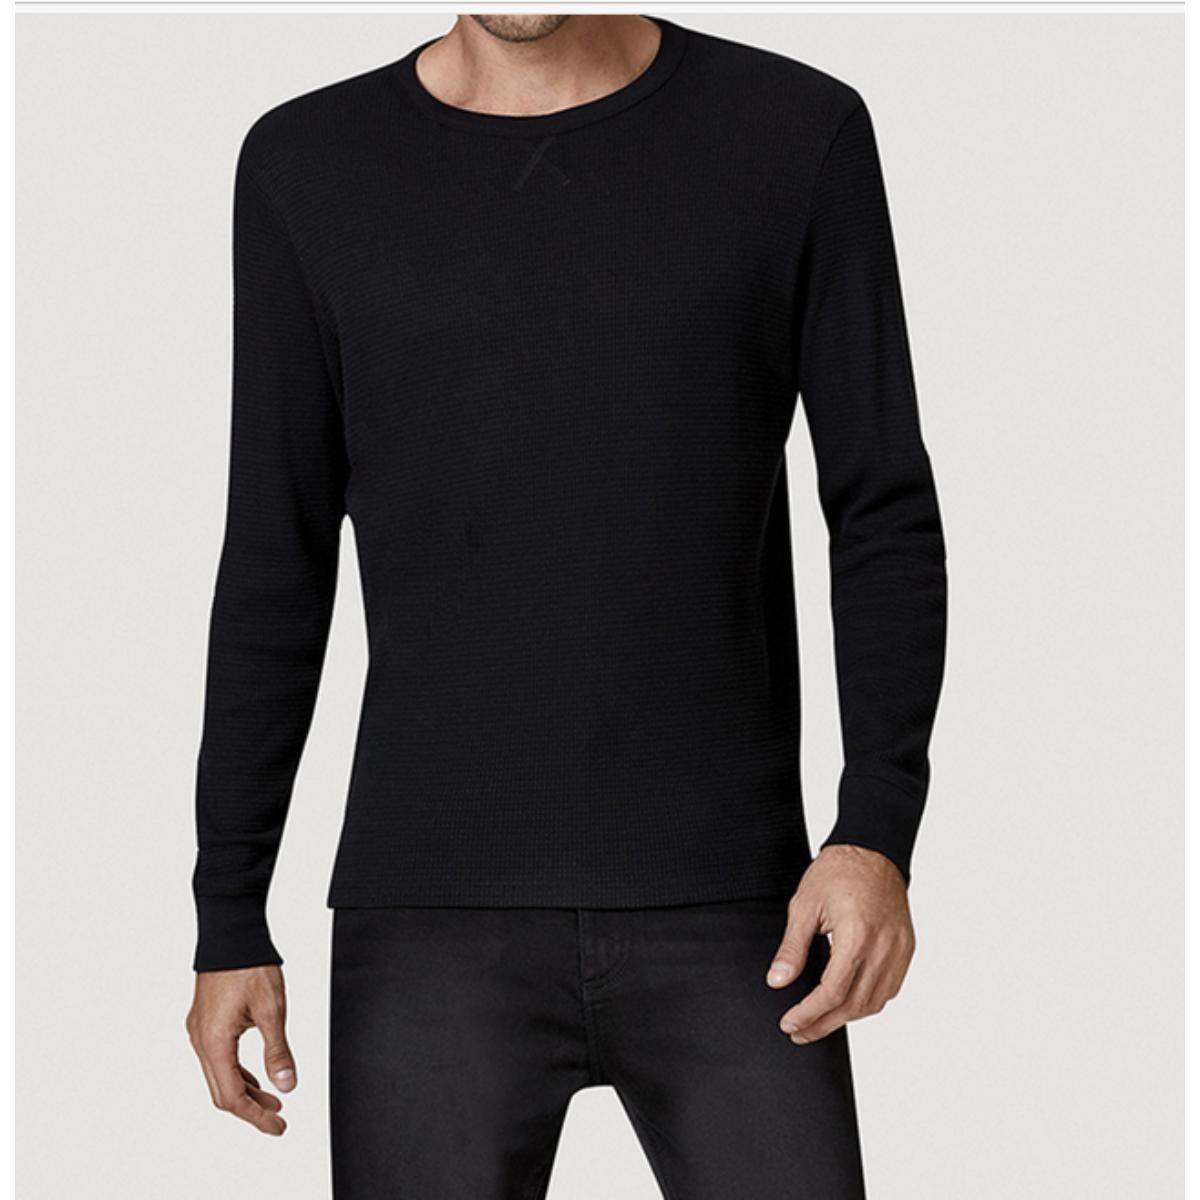 Camisa Masculina Hering 026x N1007s Preto